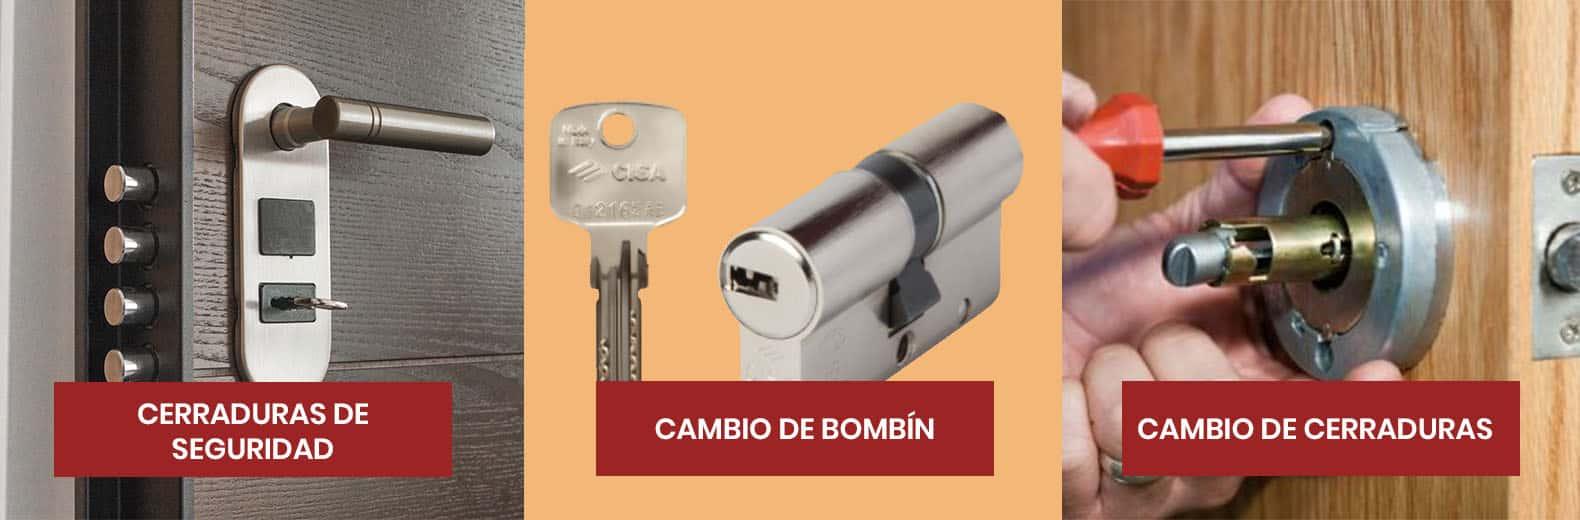 cerraduras de seguridad y cambio de bombin